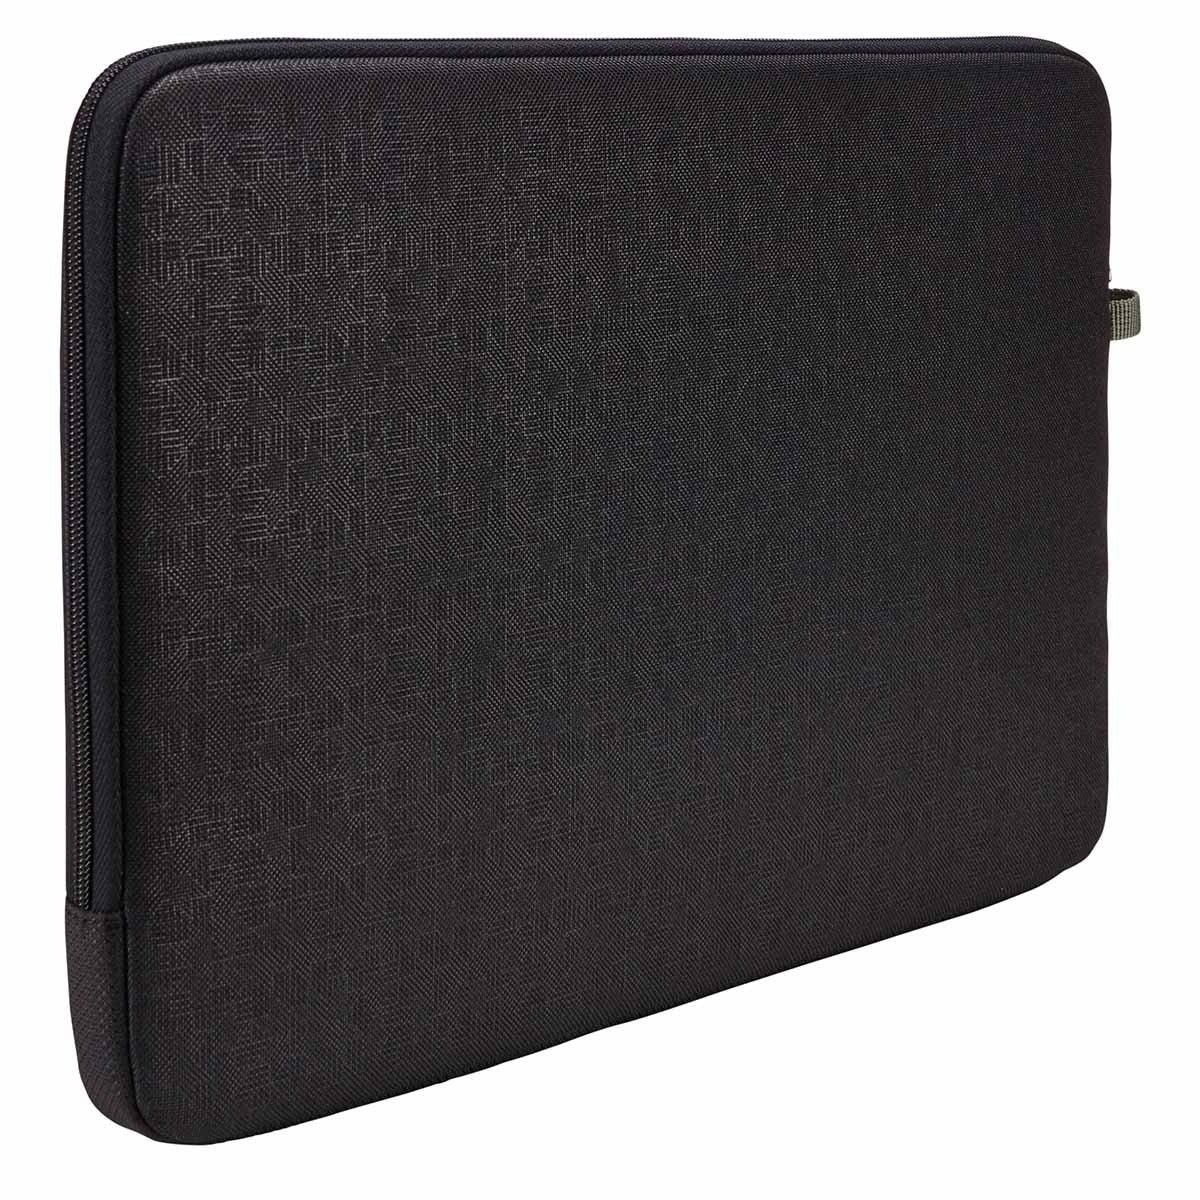 Funda para laptop 14 negra case logic sears com mx me for Fundas notebook